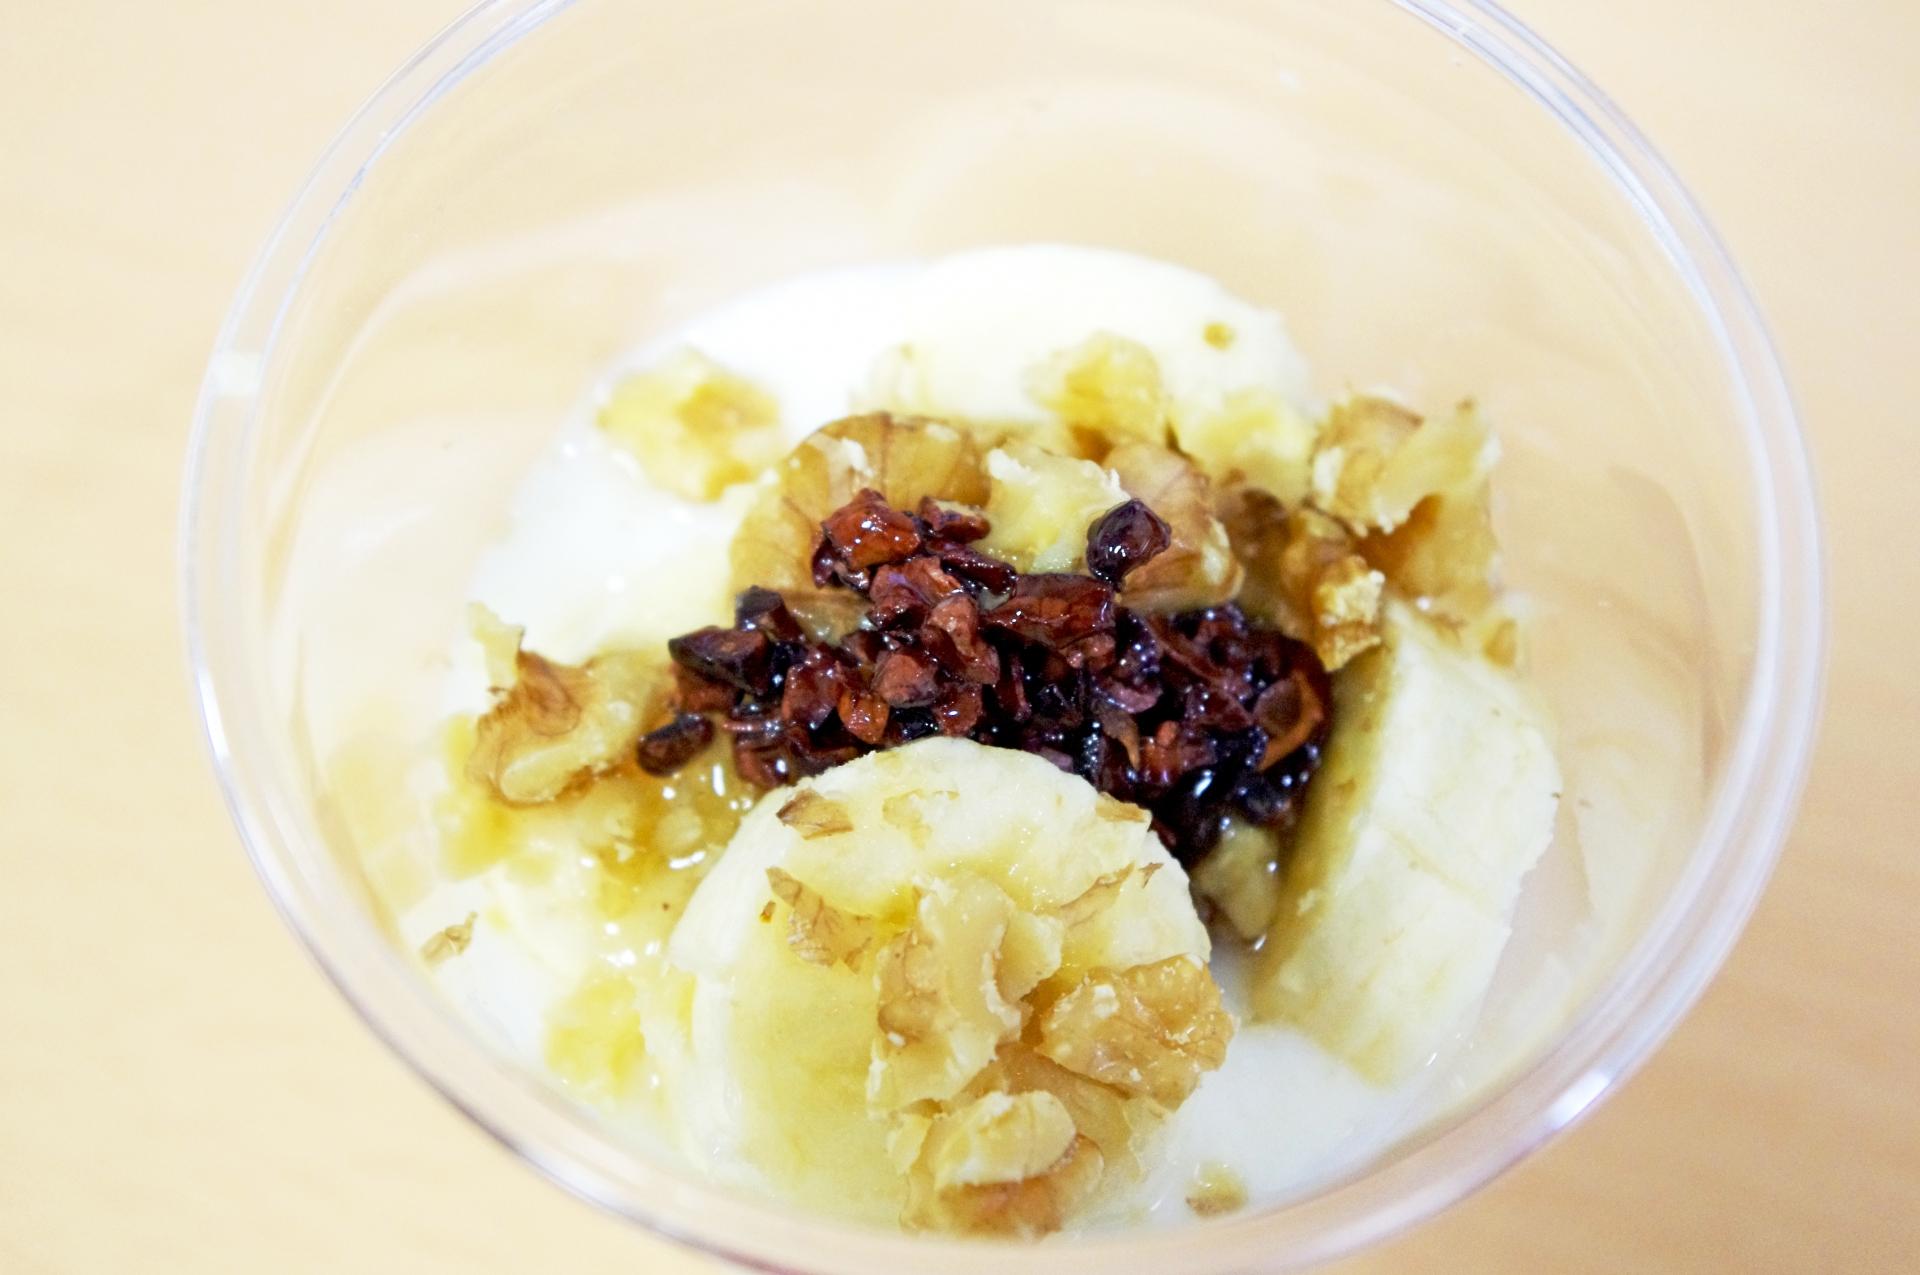 アイスクリームにカカオニブをトッピング